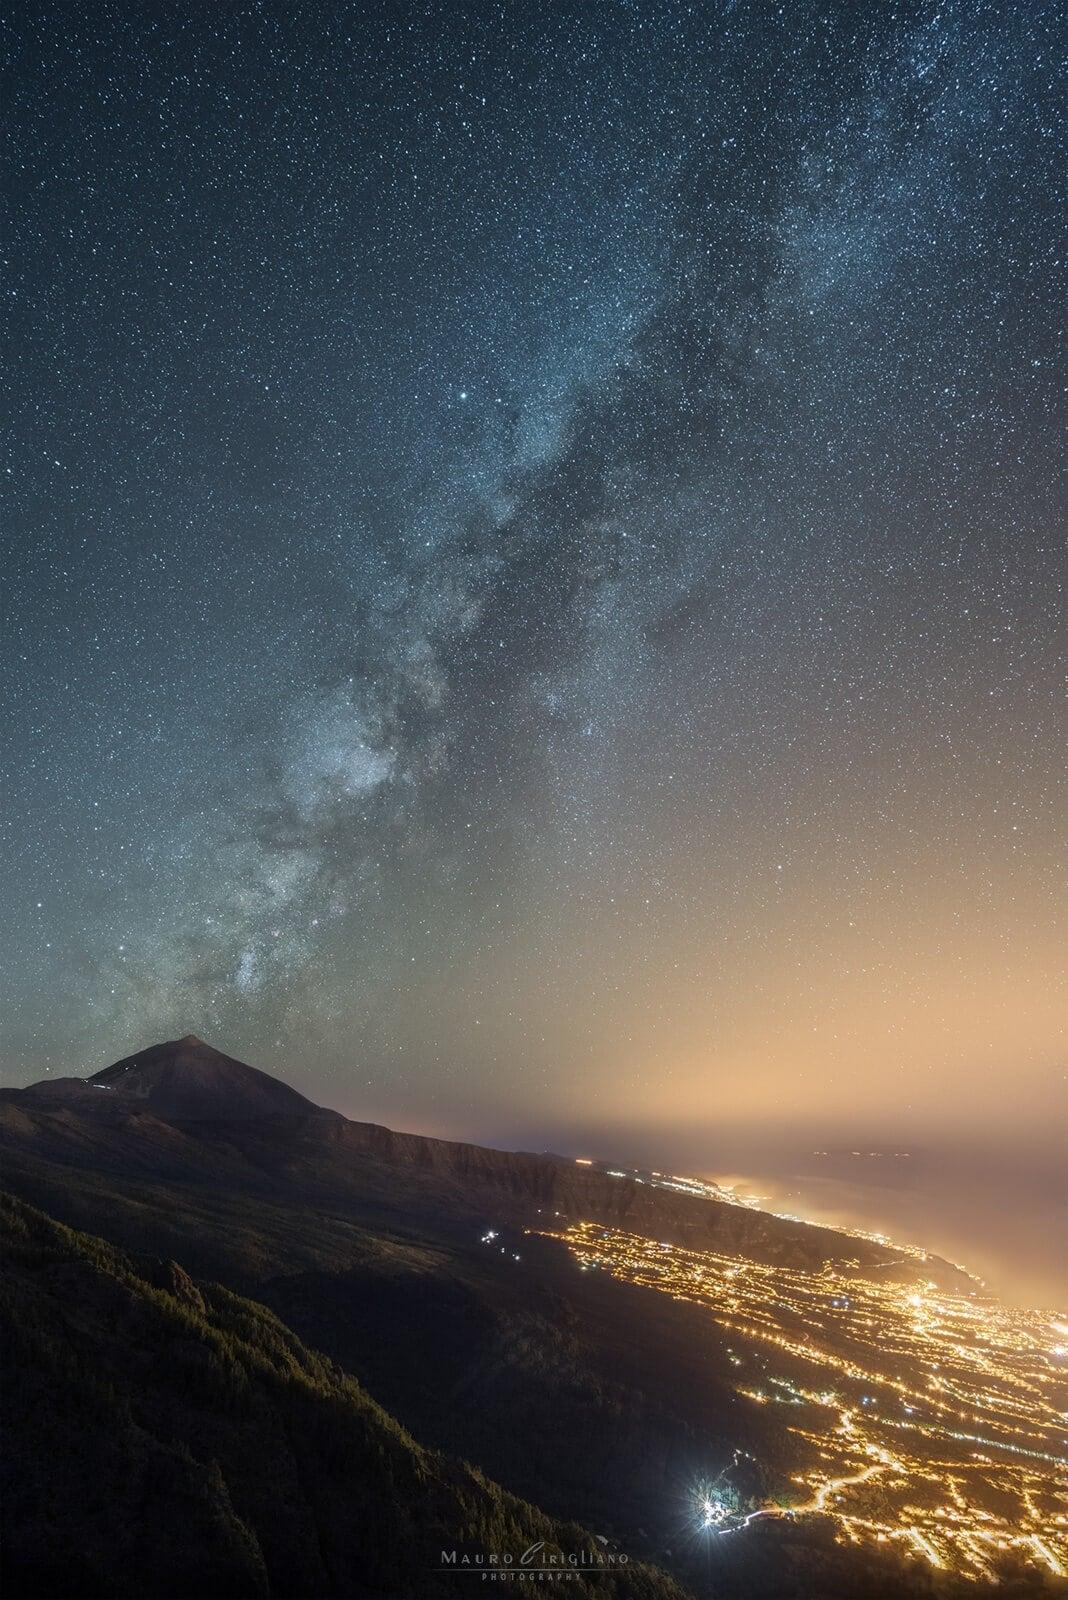 panorama alta quota con luci città e cielo stellato